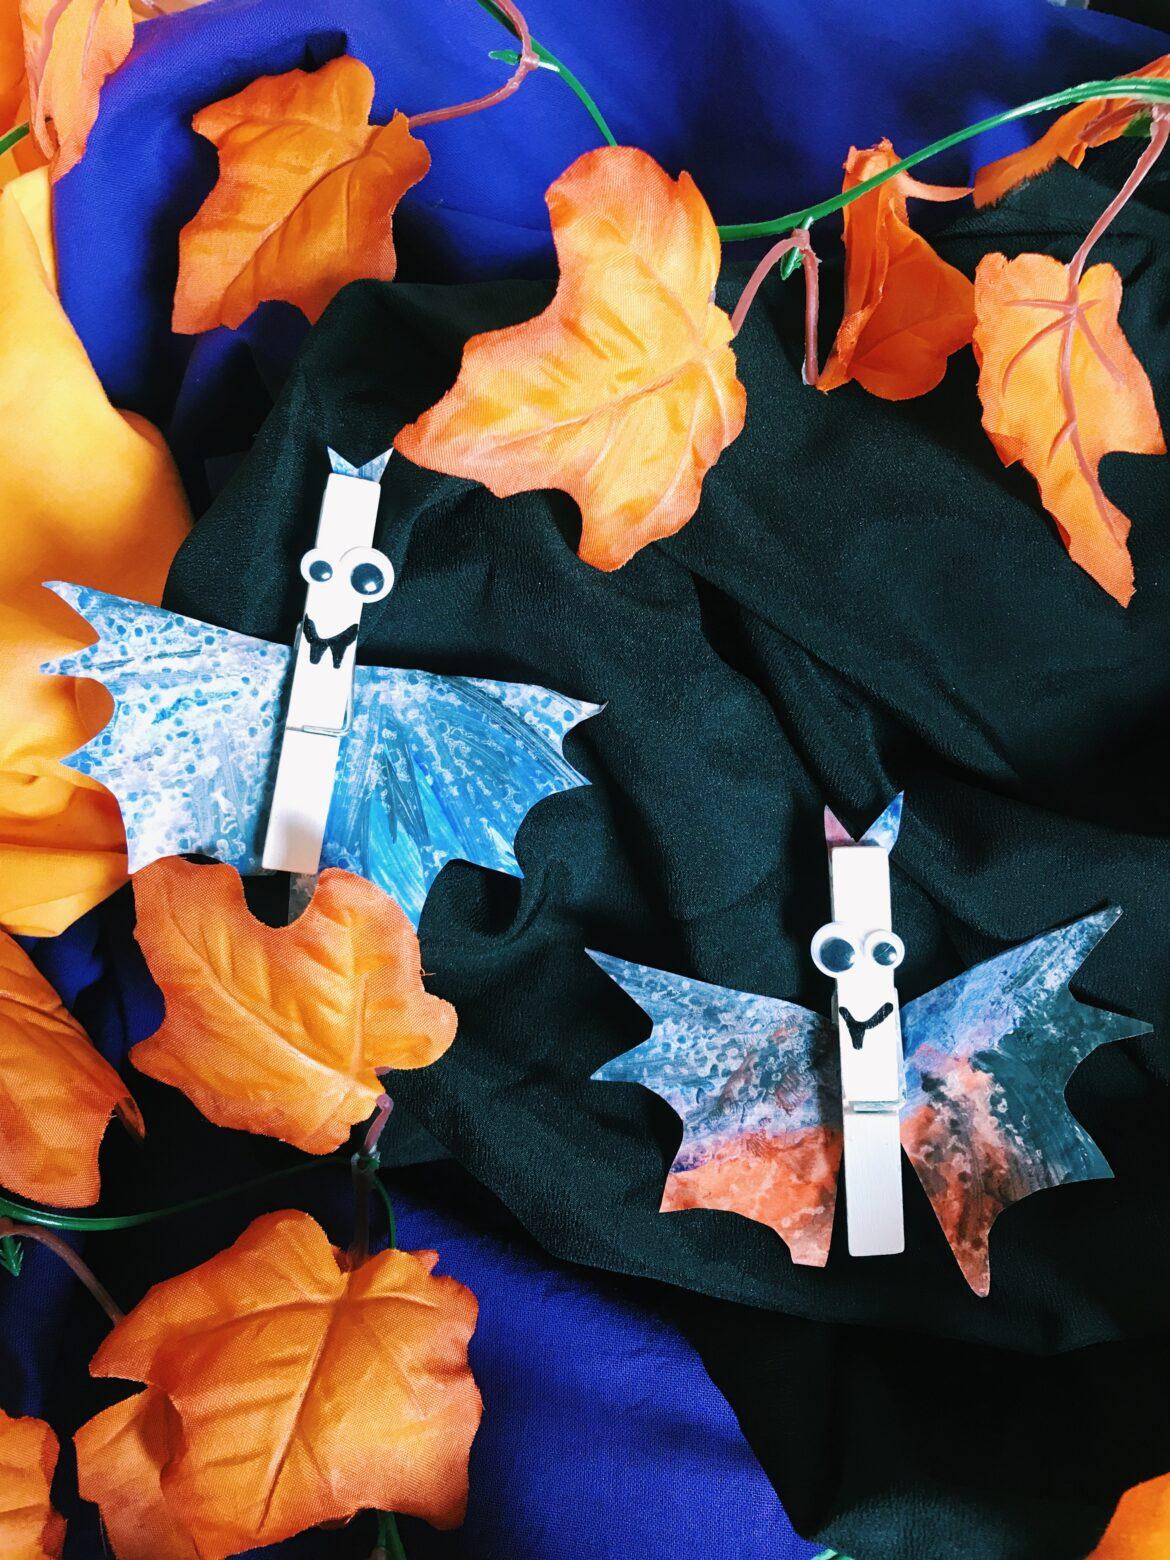 Jeftine i jednostavne ideje za Halloween dekoracije